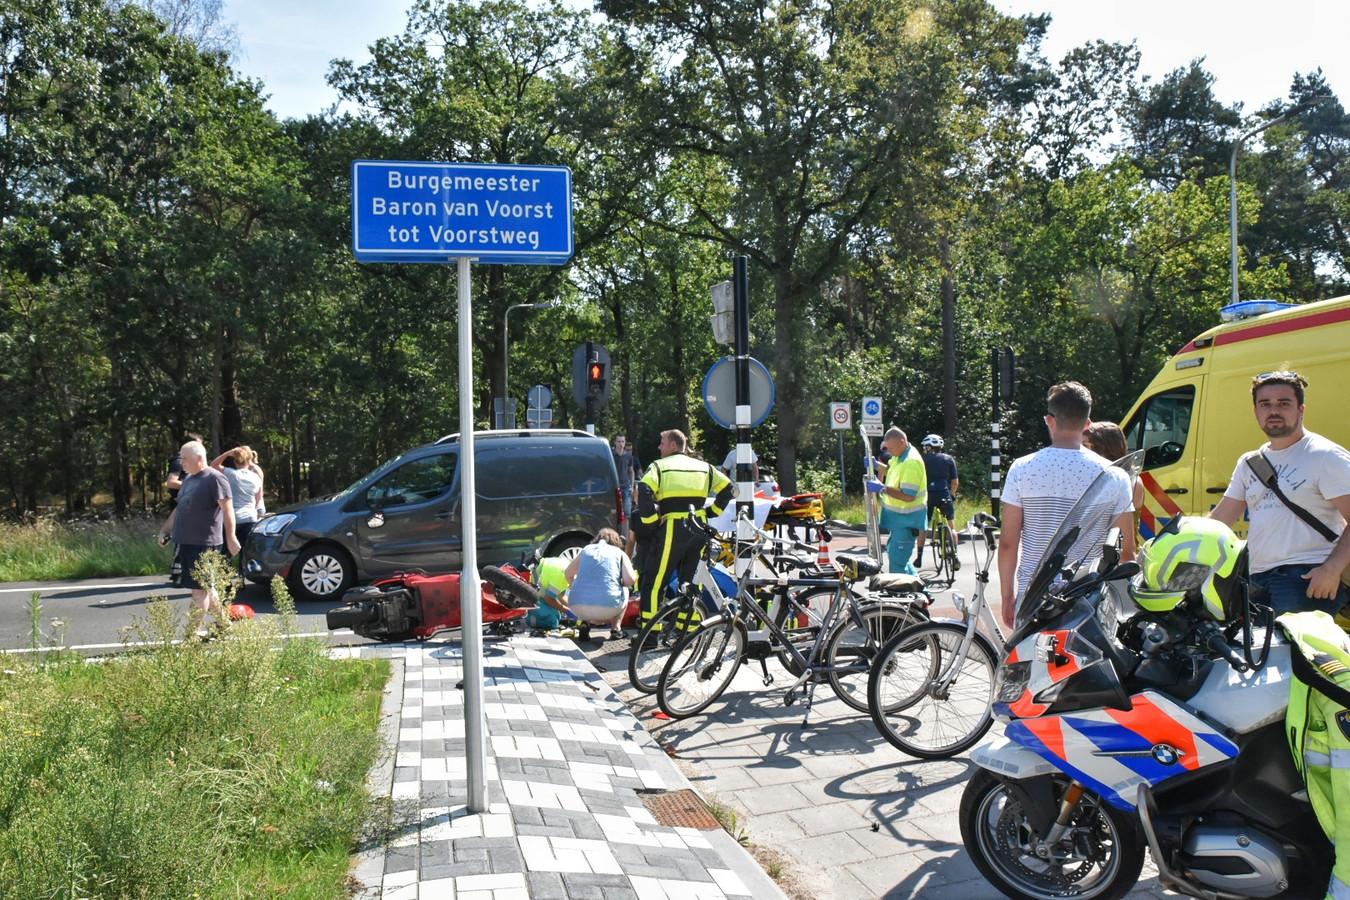 Ernstig ongeluk op de kruising van de Burgemeester Baron van Voorst tot Voorstweg met de Reeshofdijk in Tilburg